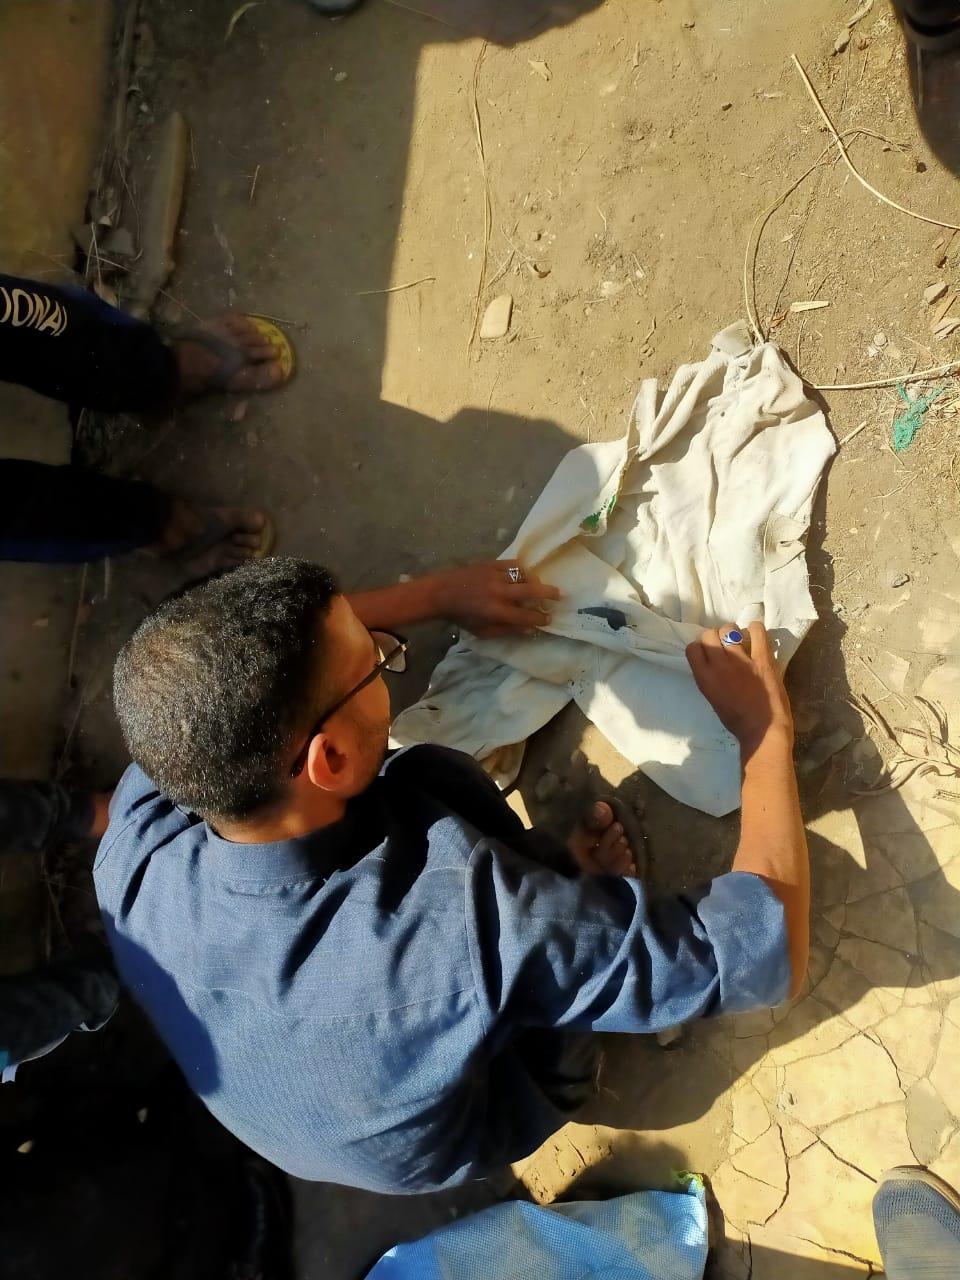 أهالى قرية الدلجمون بكفر الزيات يستخرجون أعمال سحر مدفونة فى المقابر (8)